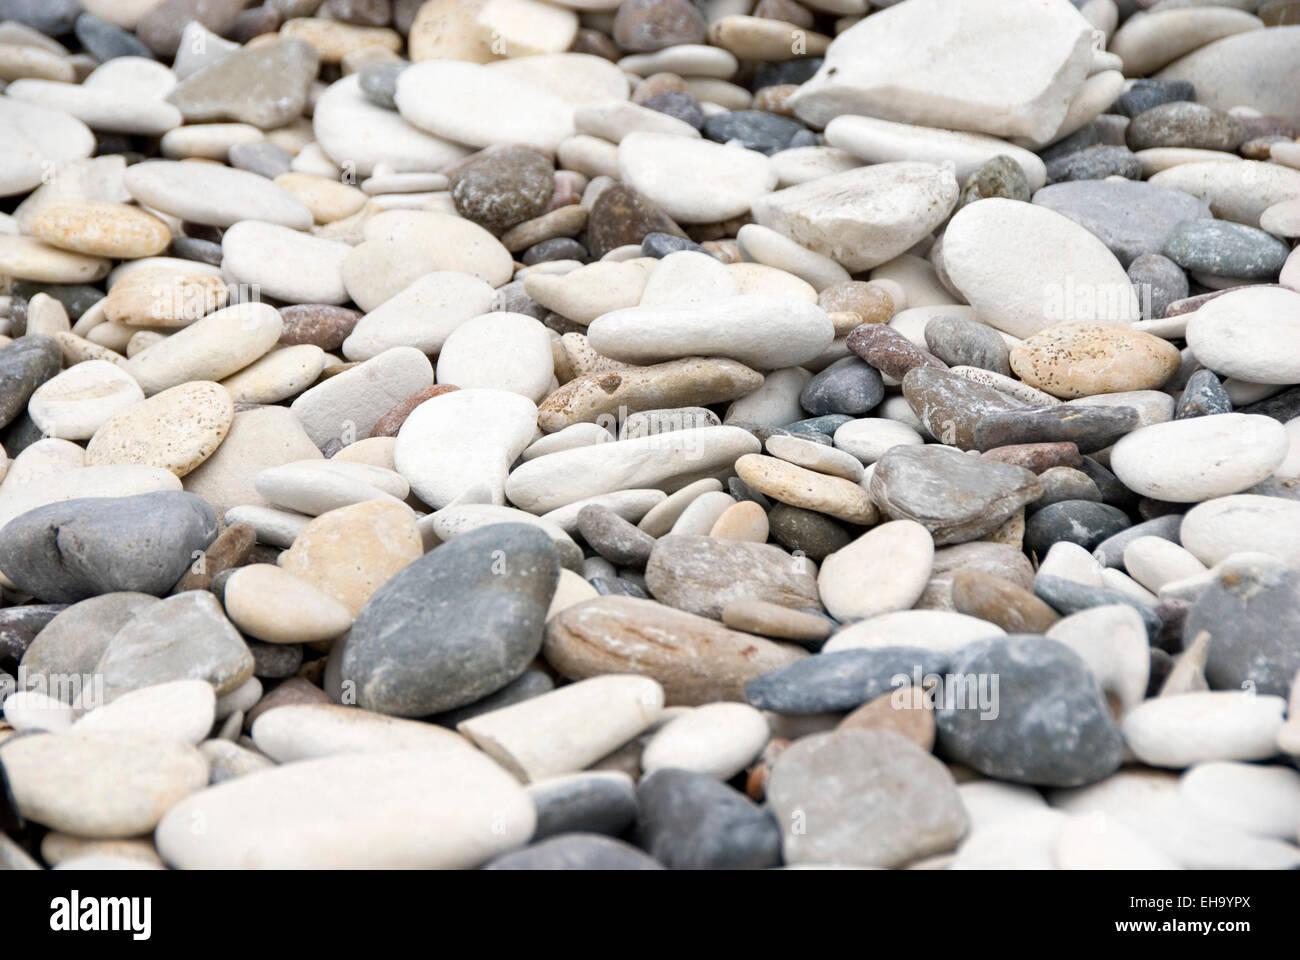 Ciotoli arrotondati in sfumature di grigio, blu, bianco panna e arancione diffondono la spiaggia di Bridlington, Immagini Stock